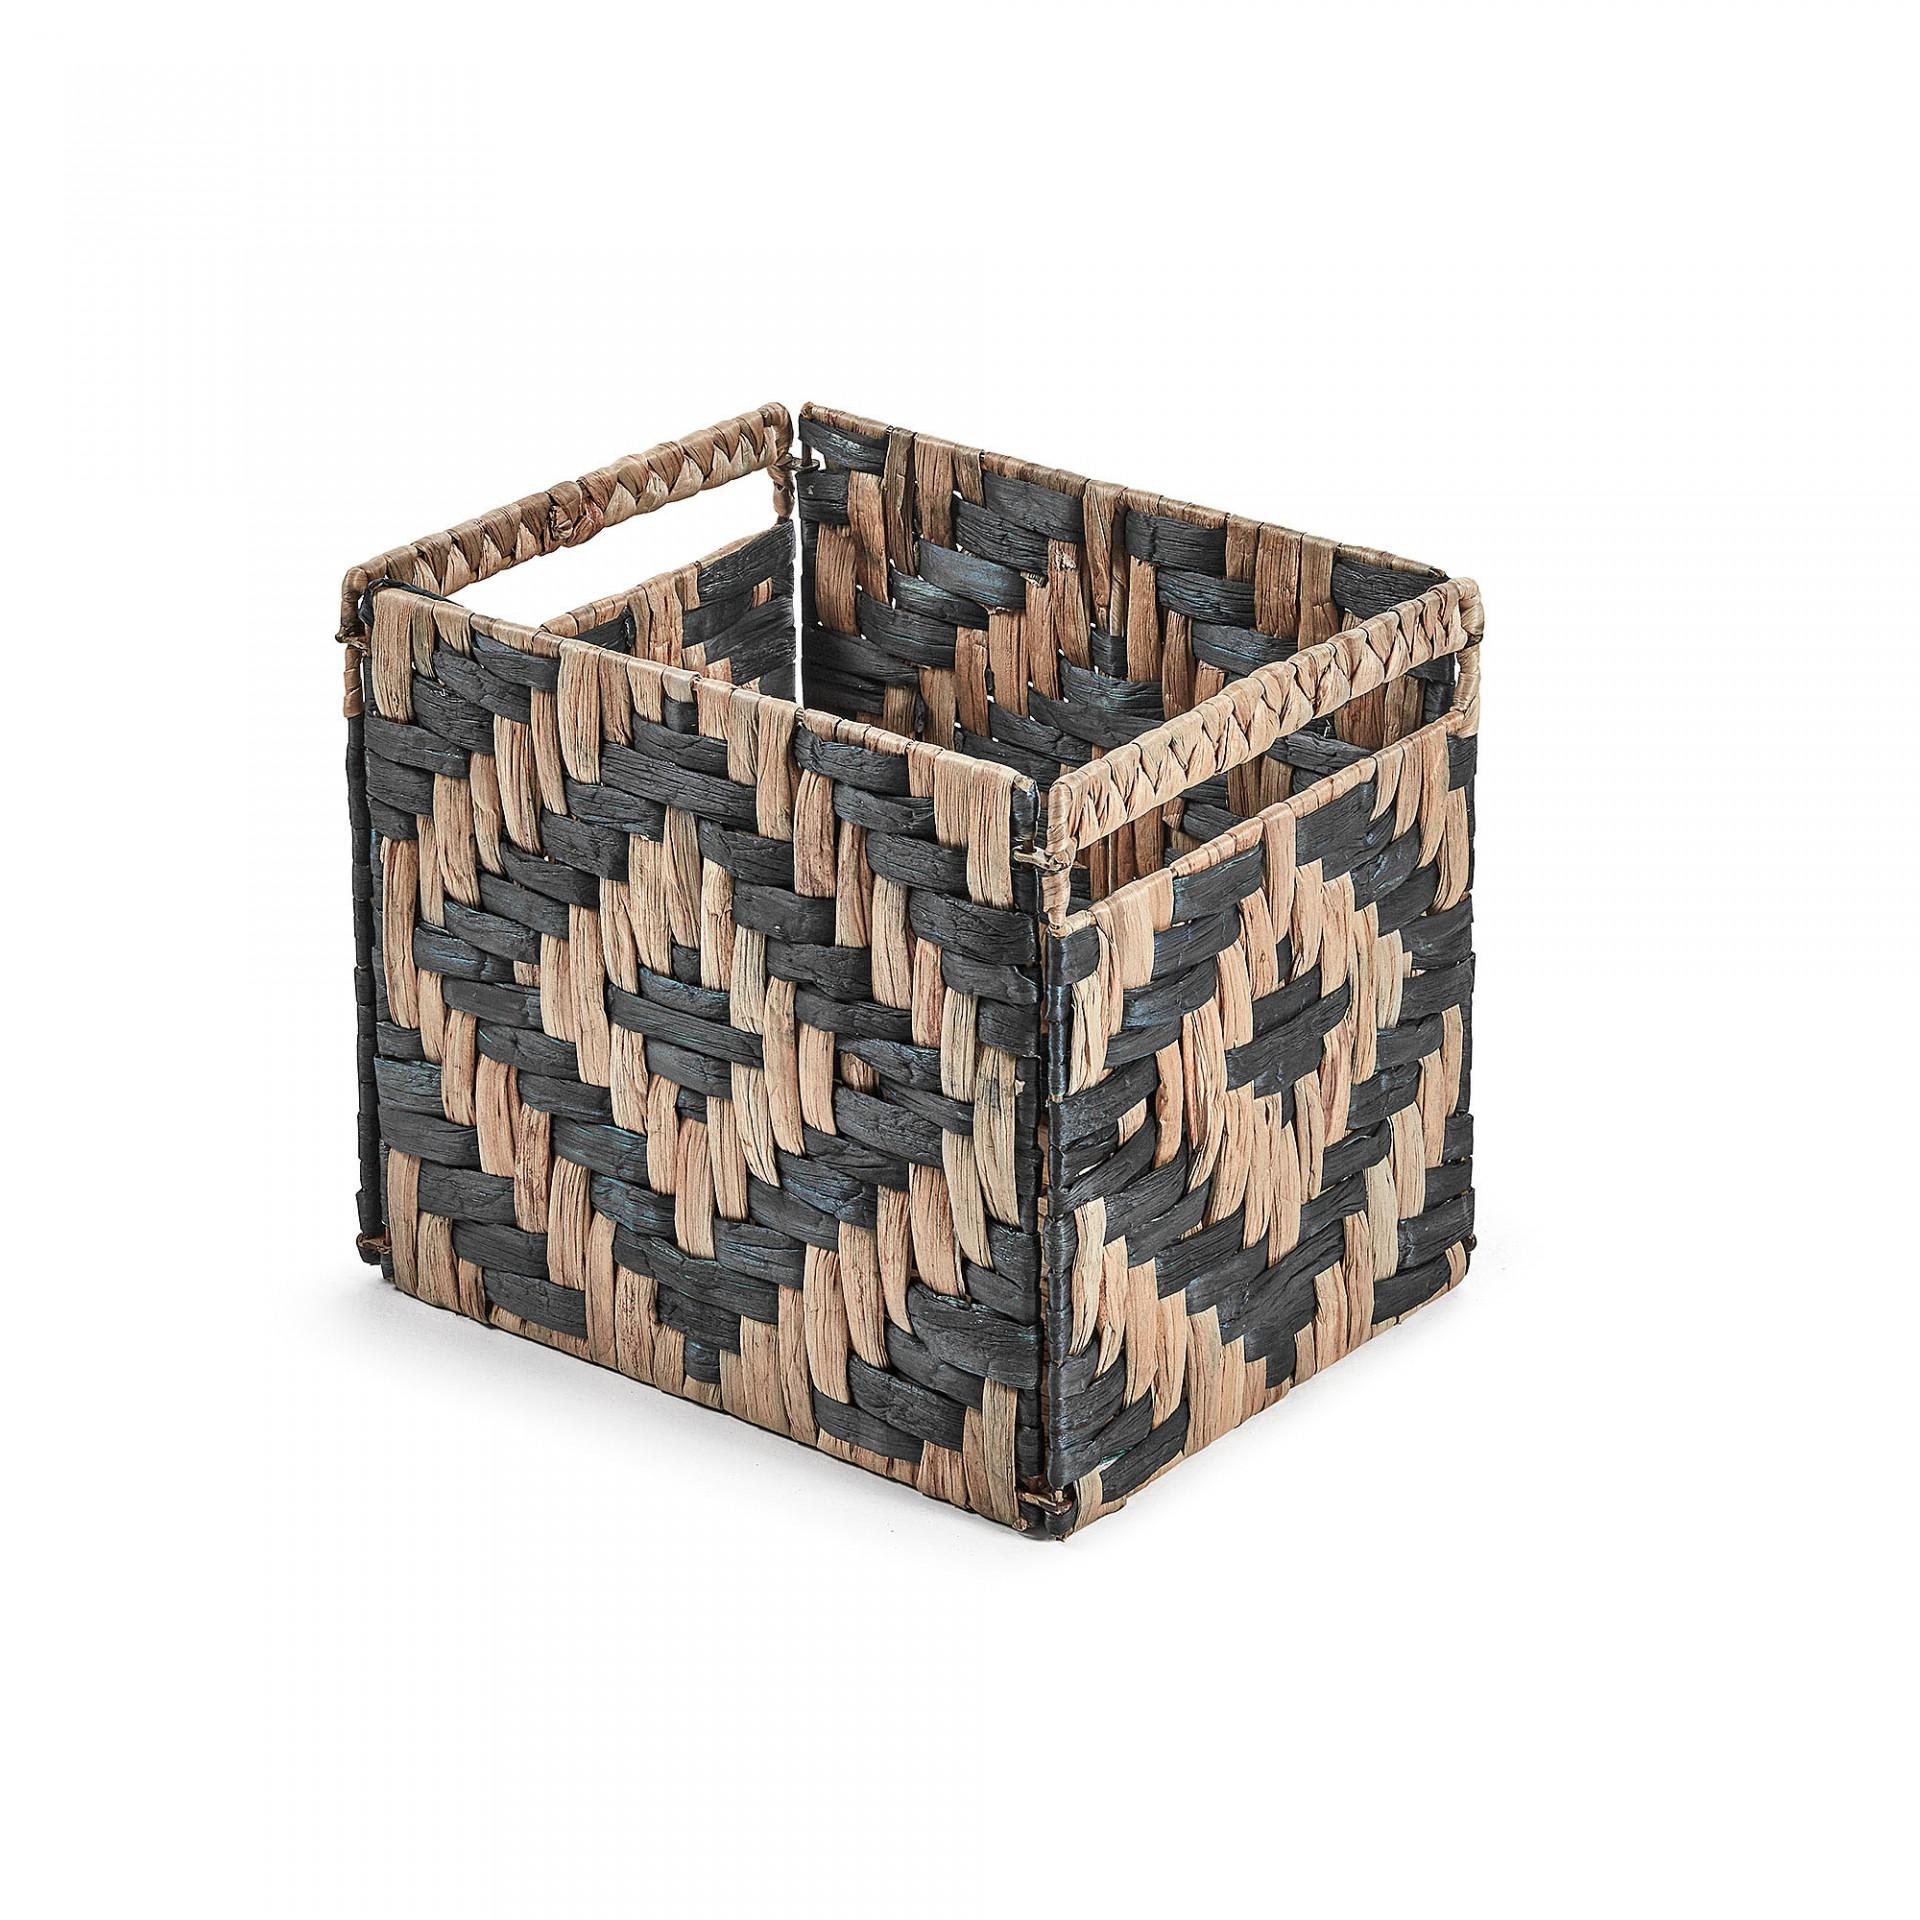 Caixa de arrumação Worth, vime/metal, preto, 35x25x27